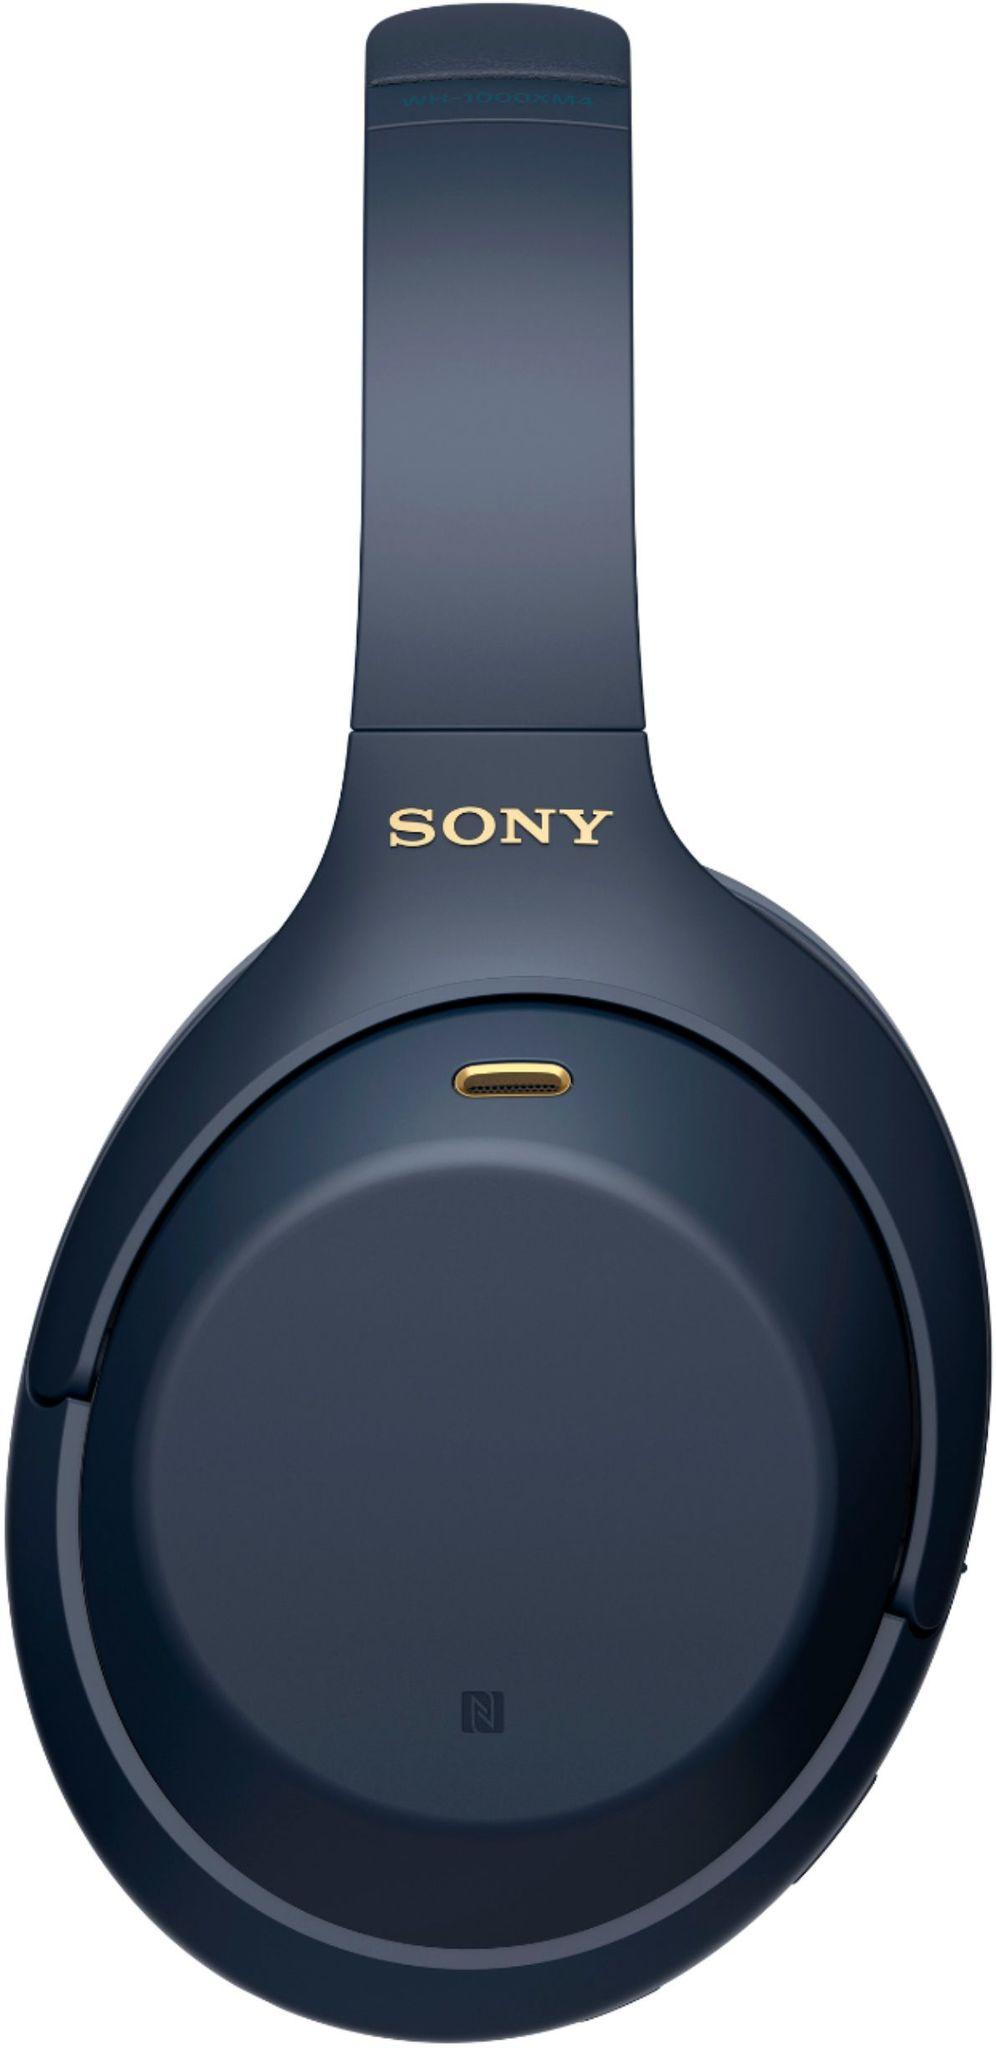 Беспроводные наушники Sony WH1000XM4L синего цвета с активным шумоподавлением и сенсорным управлением